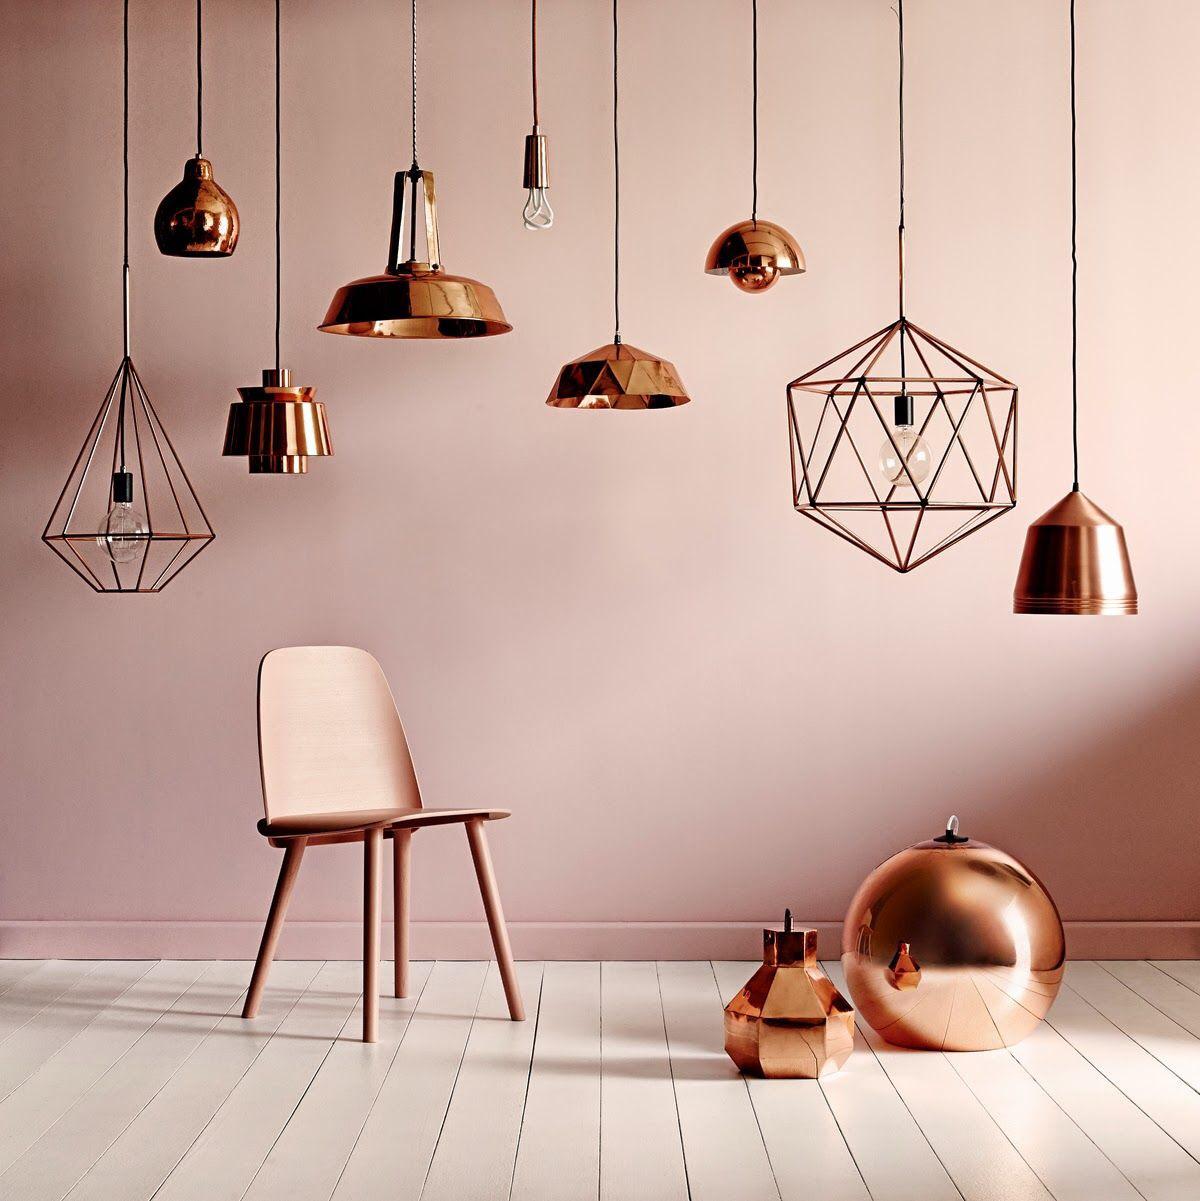 Copper furniture-maison objet paris- Top Copper Furniture of Maison&Objet Paris Top Copper Furniture of Maison&Objet Paris Copper furniture maison objet paris